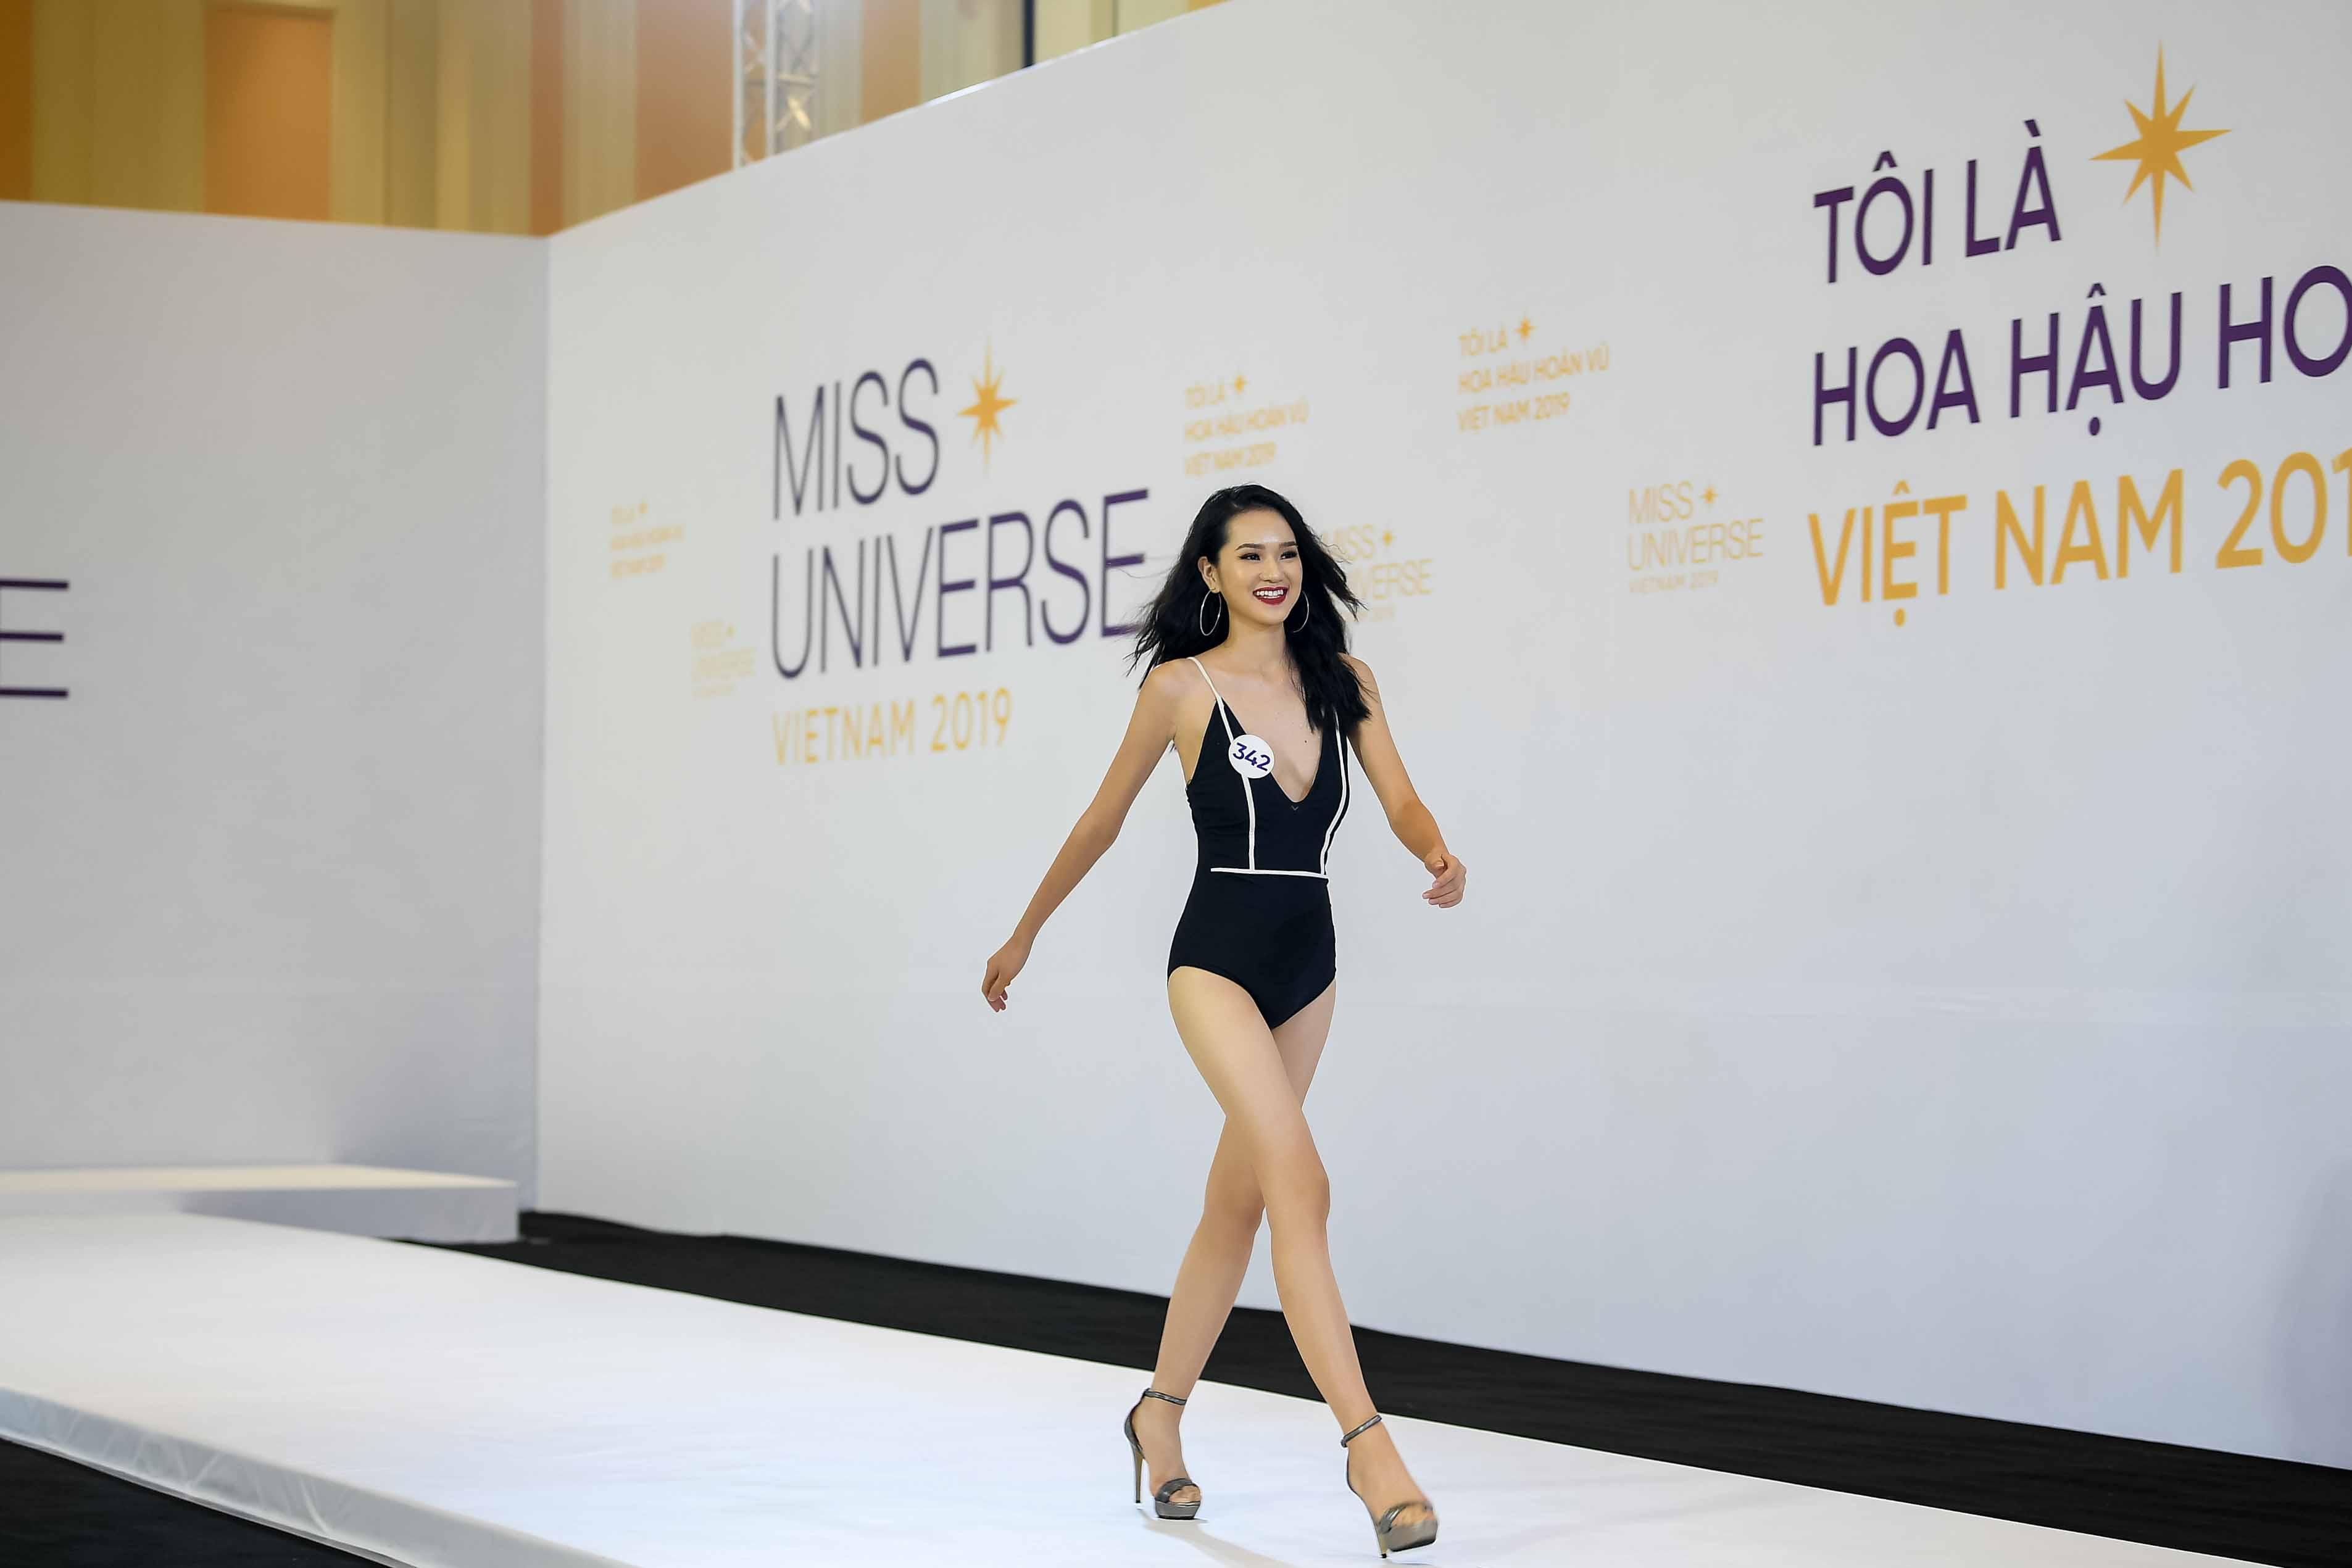 Phan thi trinh dien bikini (6)